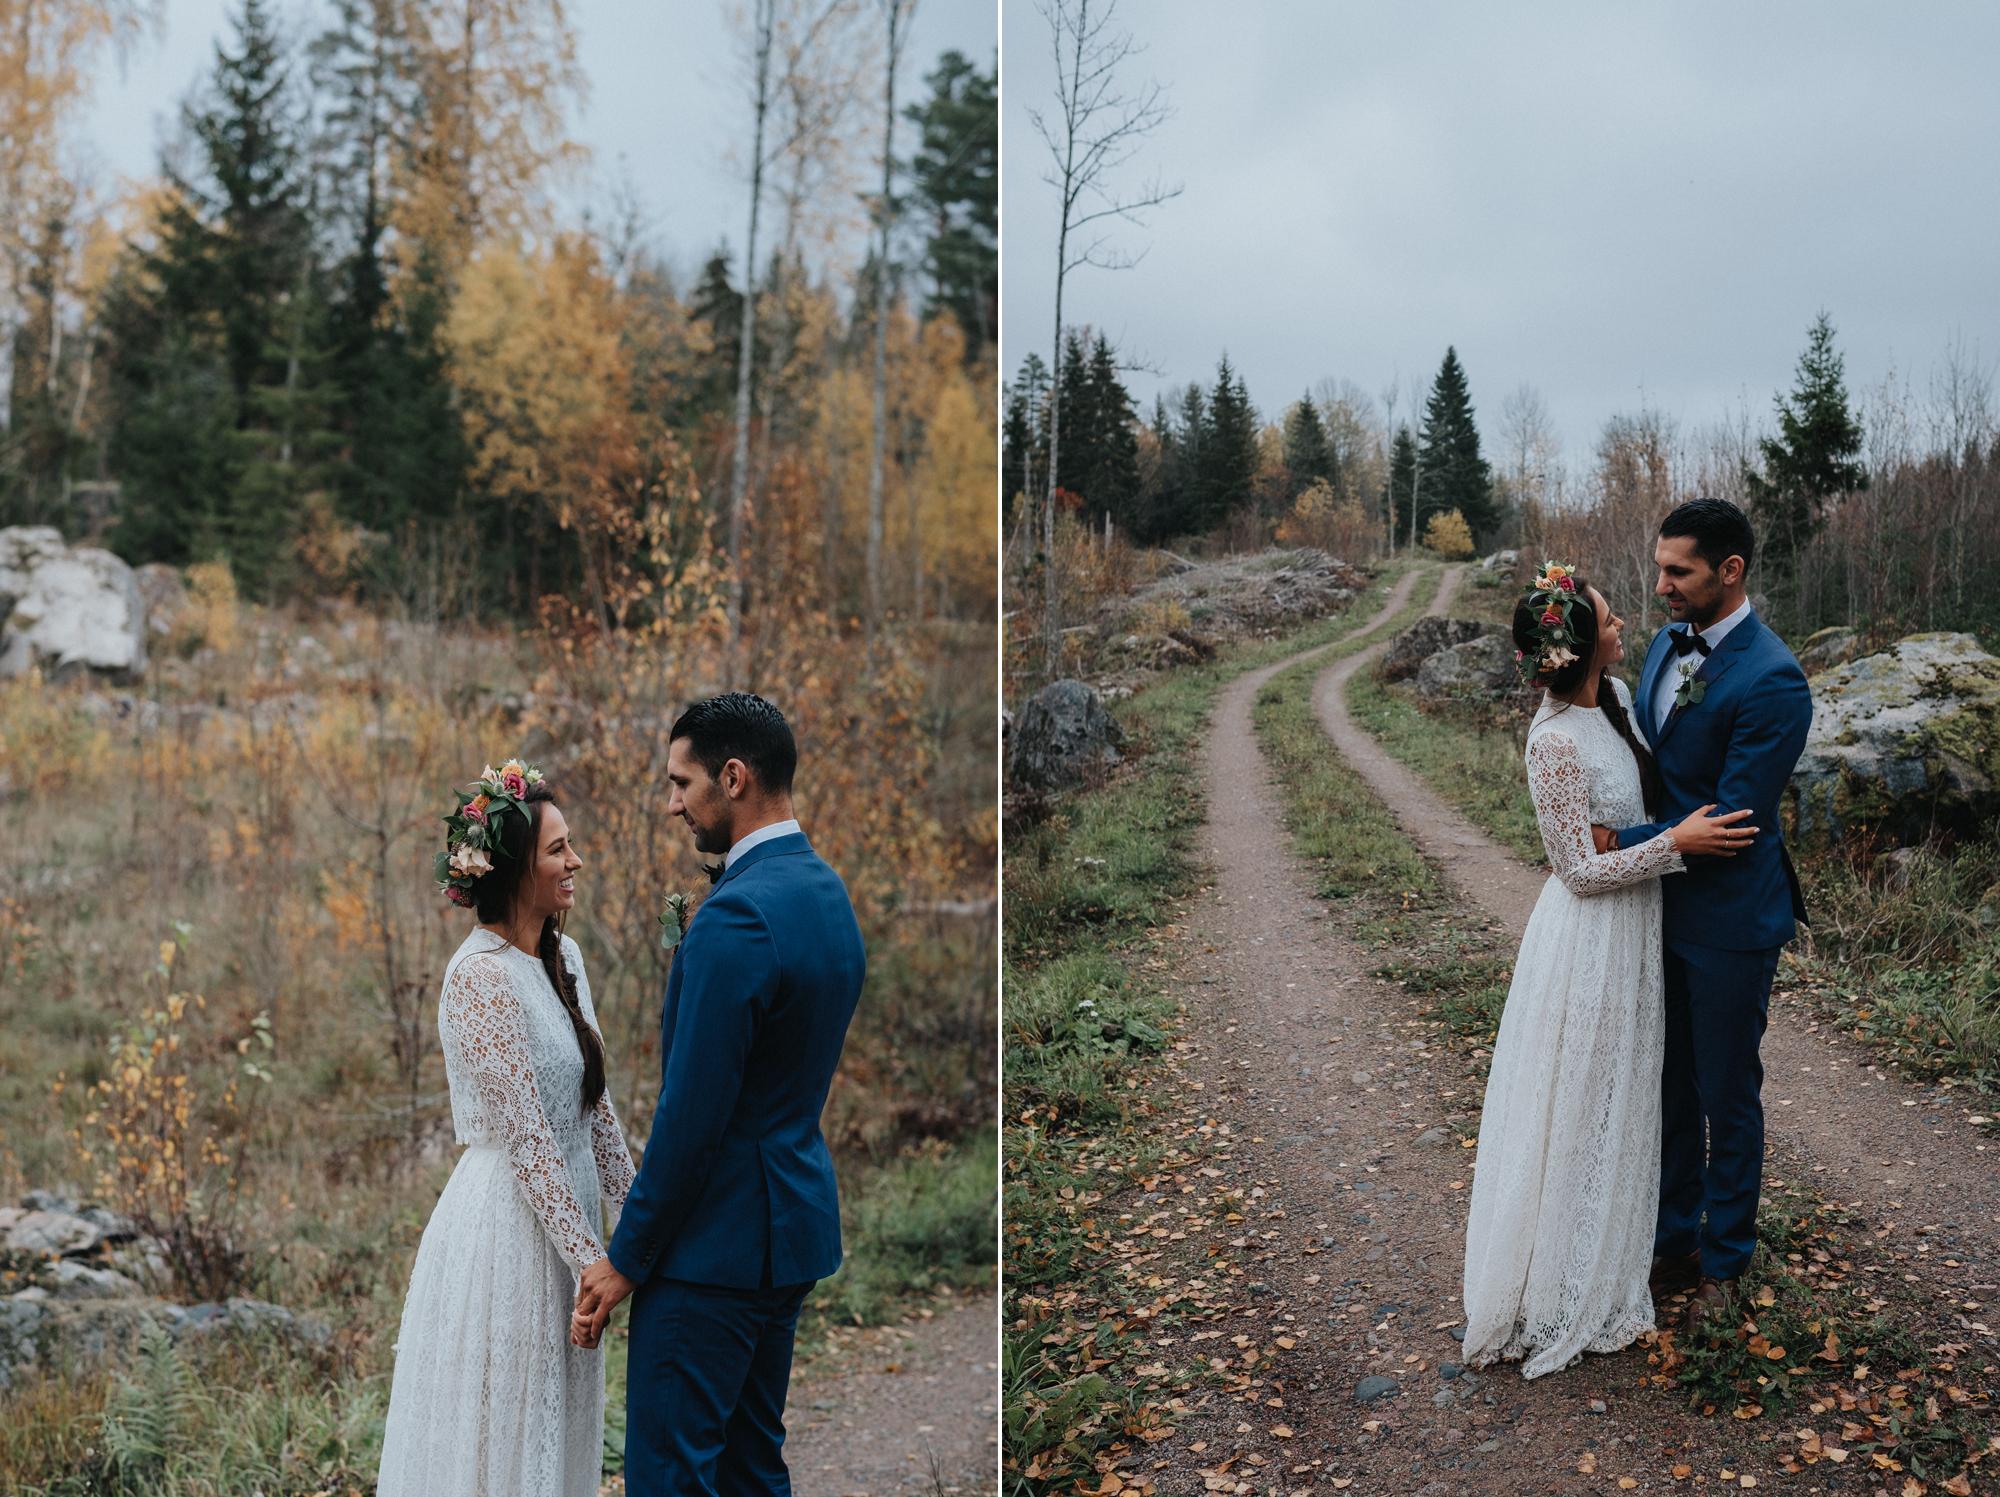 018-bröllopsfotograf-uppsala-neas-fotografi.jpg